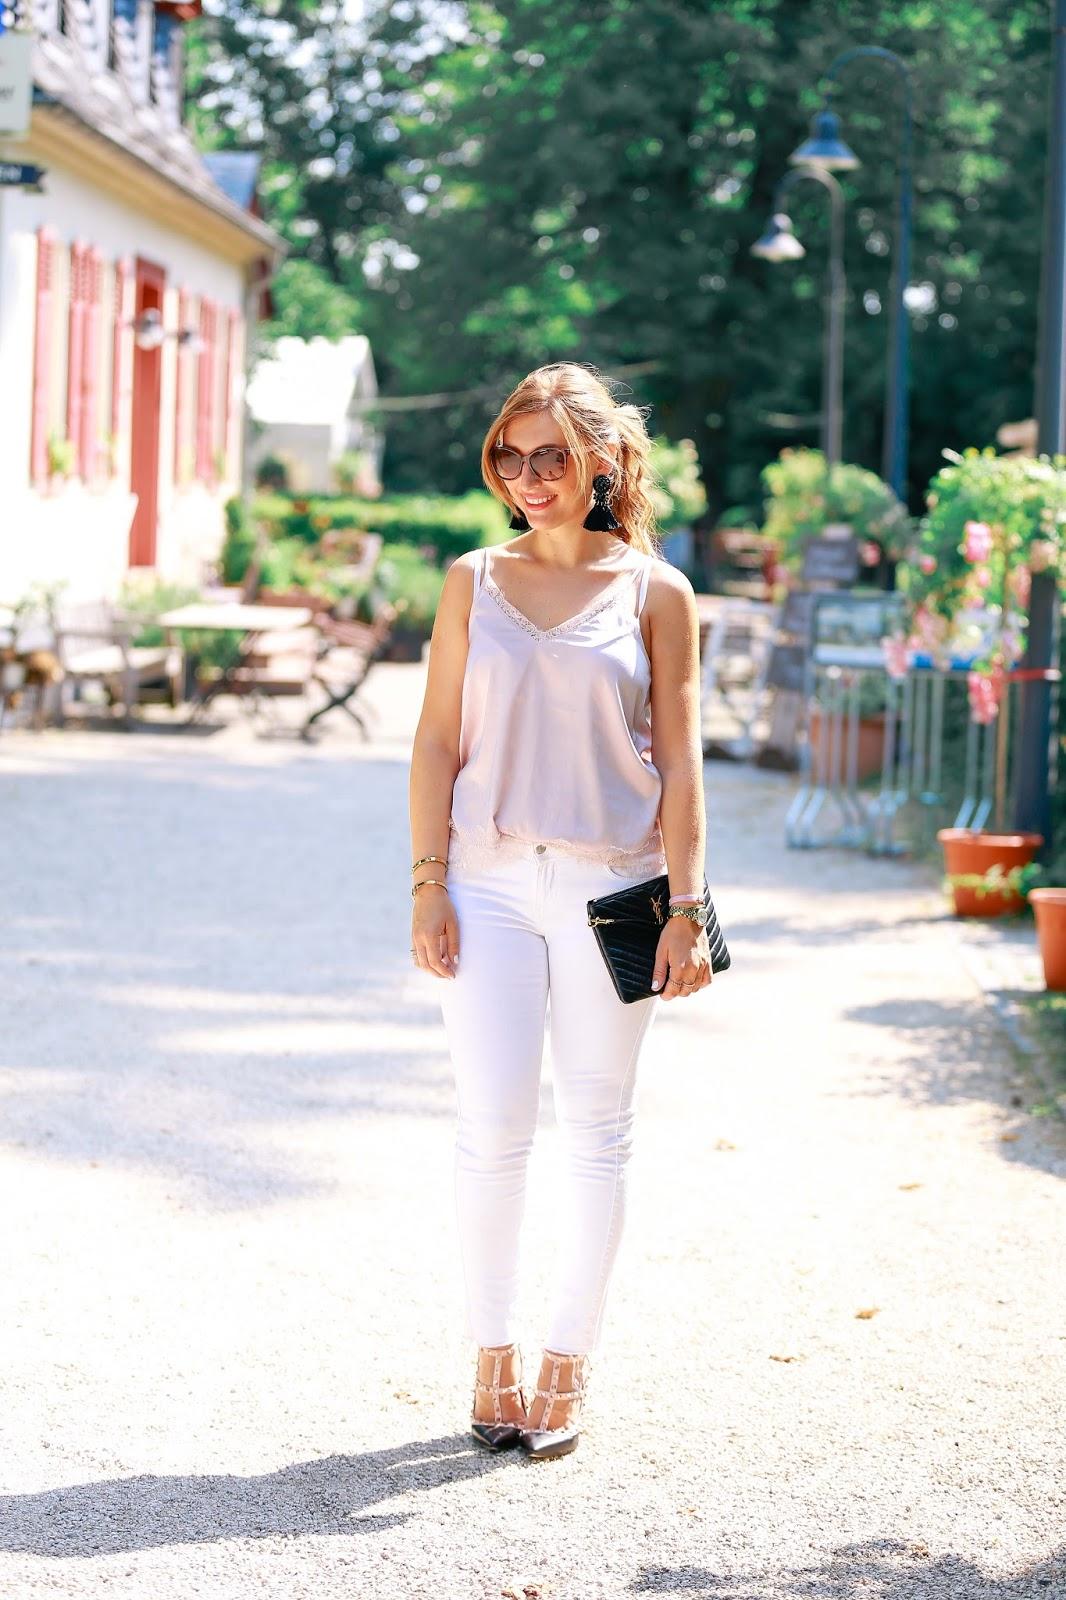 Fashionblogger-Frankfurt-Main-Modeblog-Alte-Oper-ysl-clutch-schuhe-mit-nieten-weiße-jeans-hängeohrringe